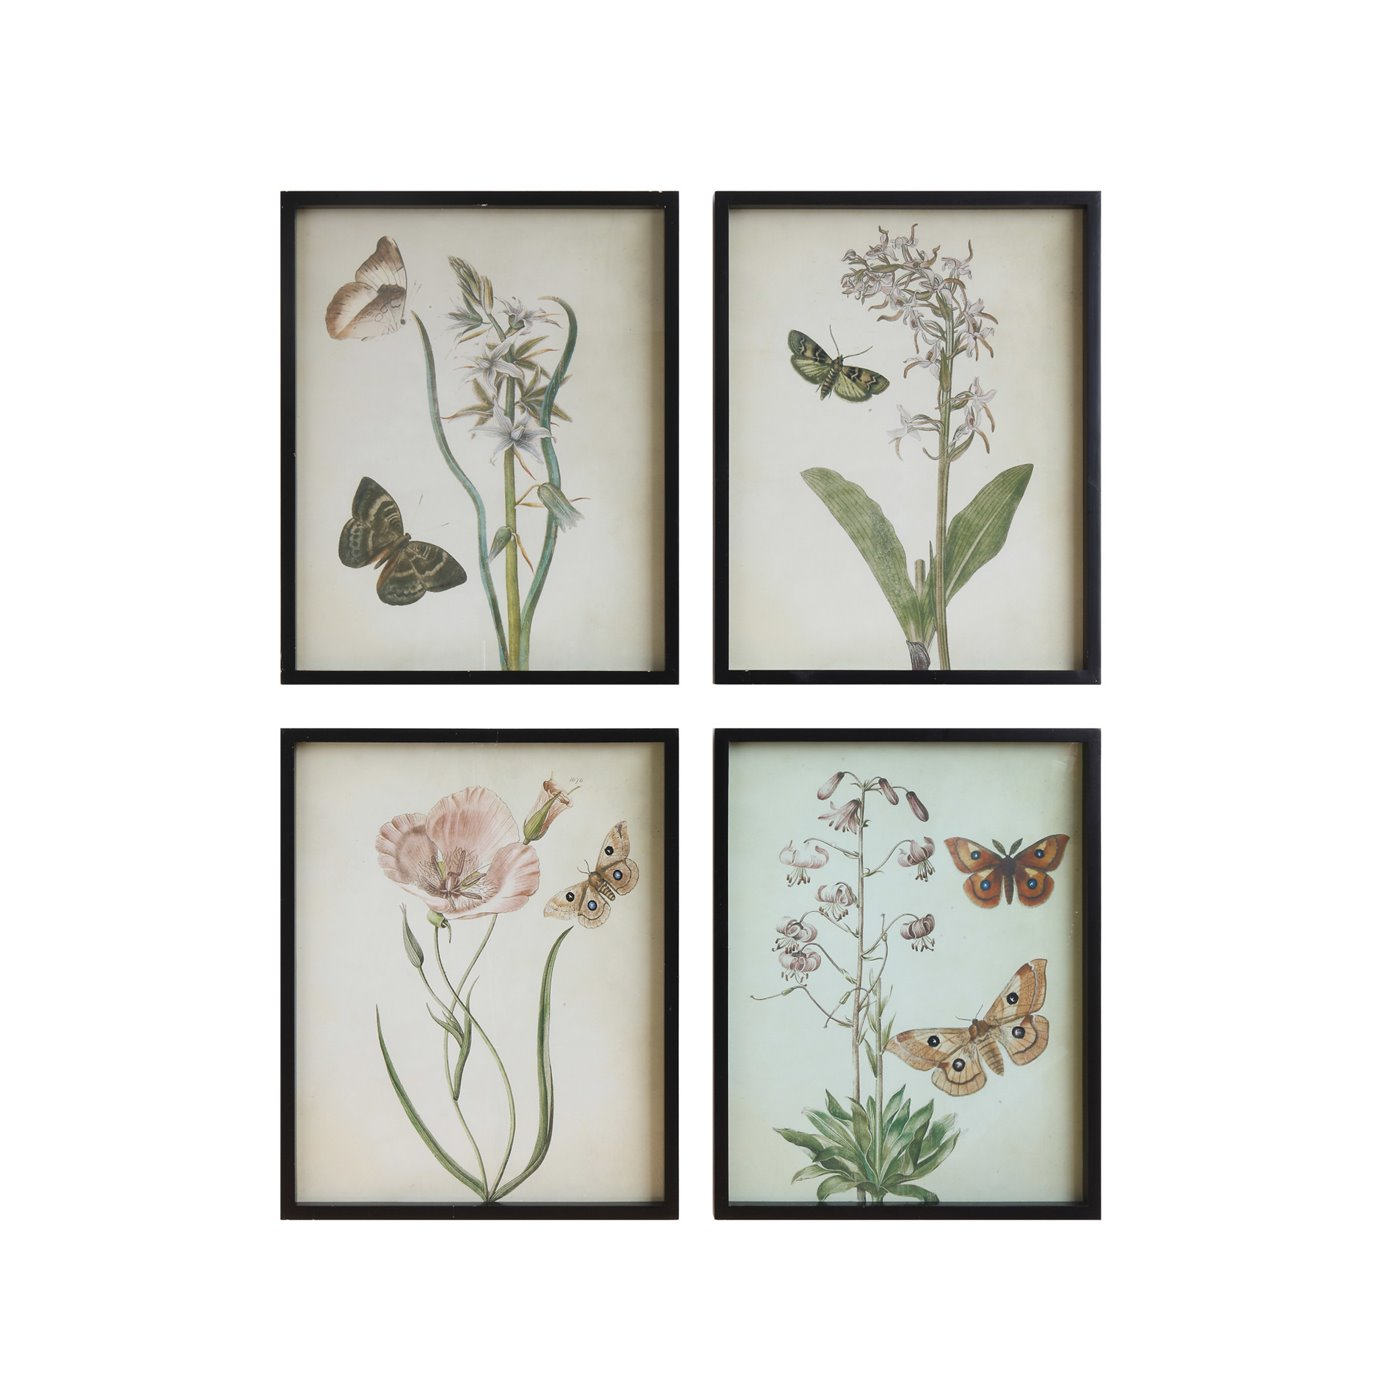 Flowers & Butterflies Framed Wall Décor (Set of 4 Designs)